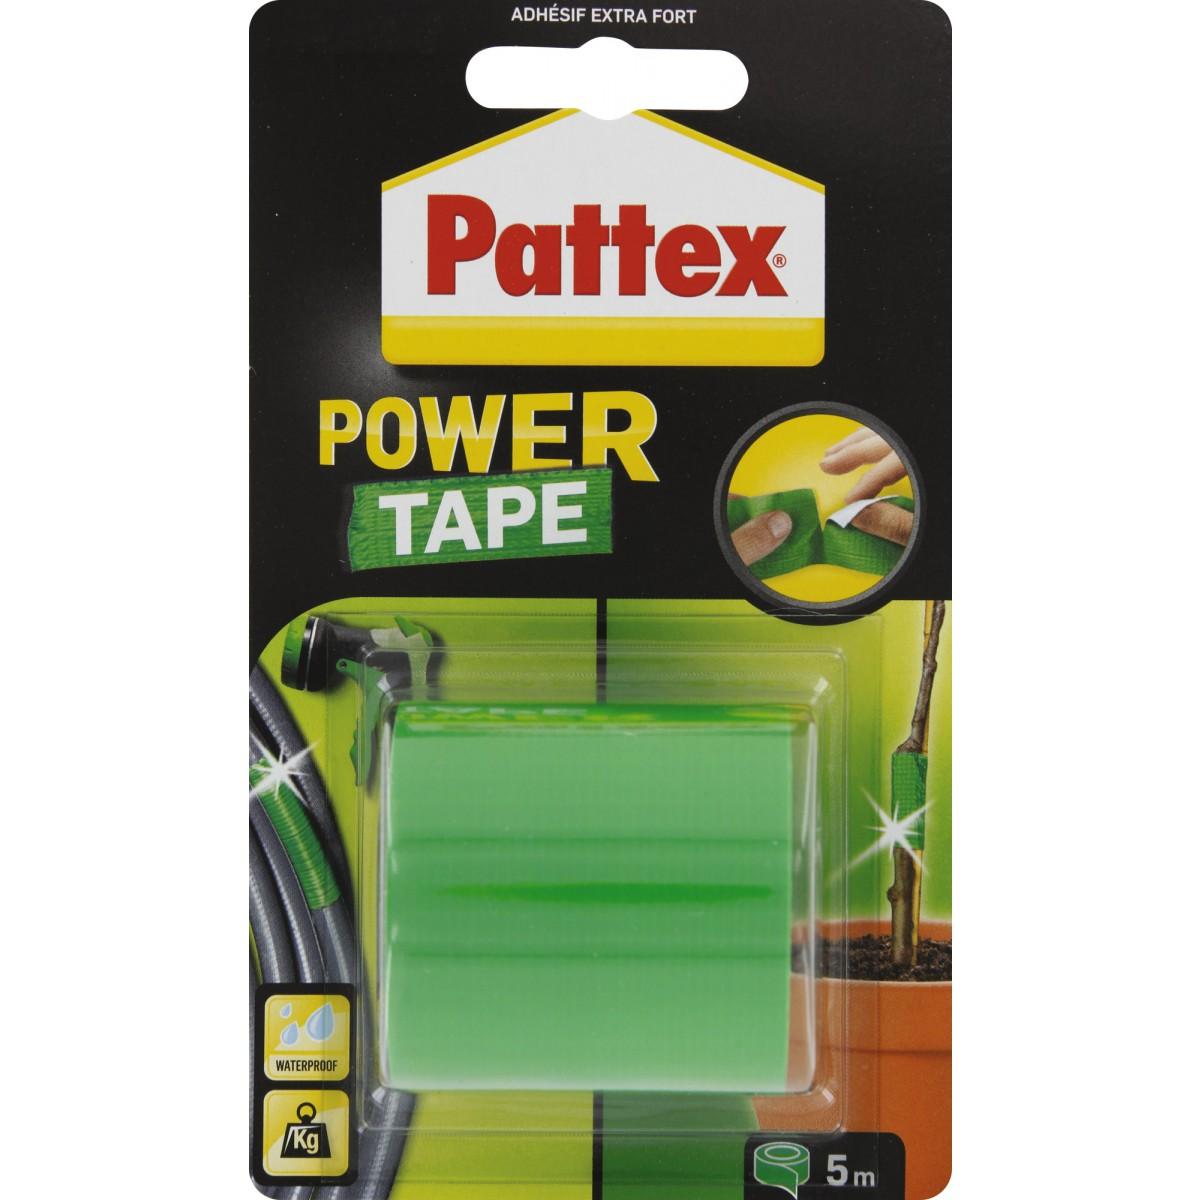 Adhésif super puissant Power tape Power Tape - Vert - Longueur 5 m